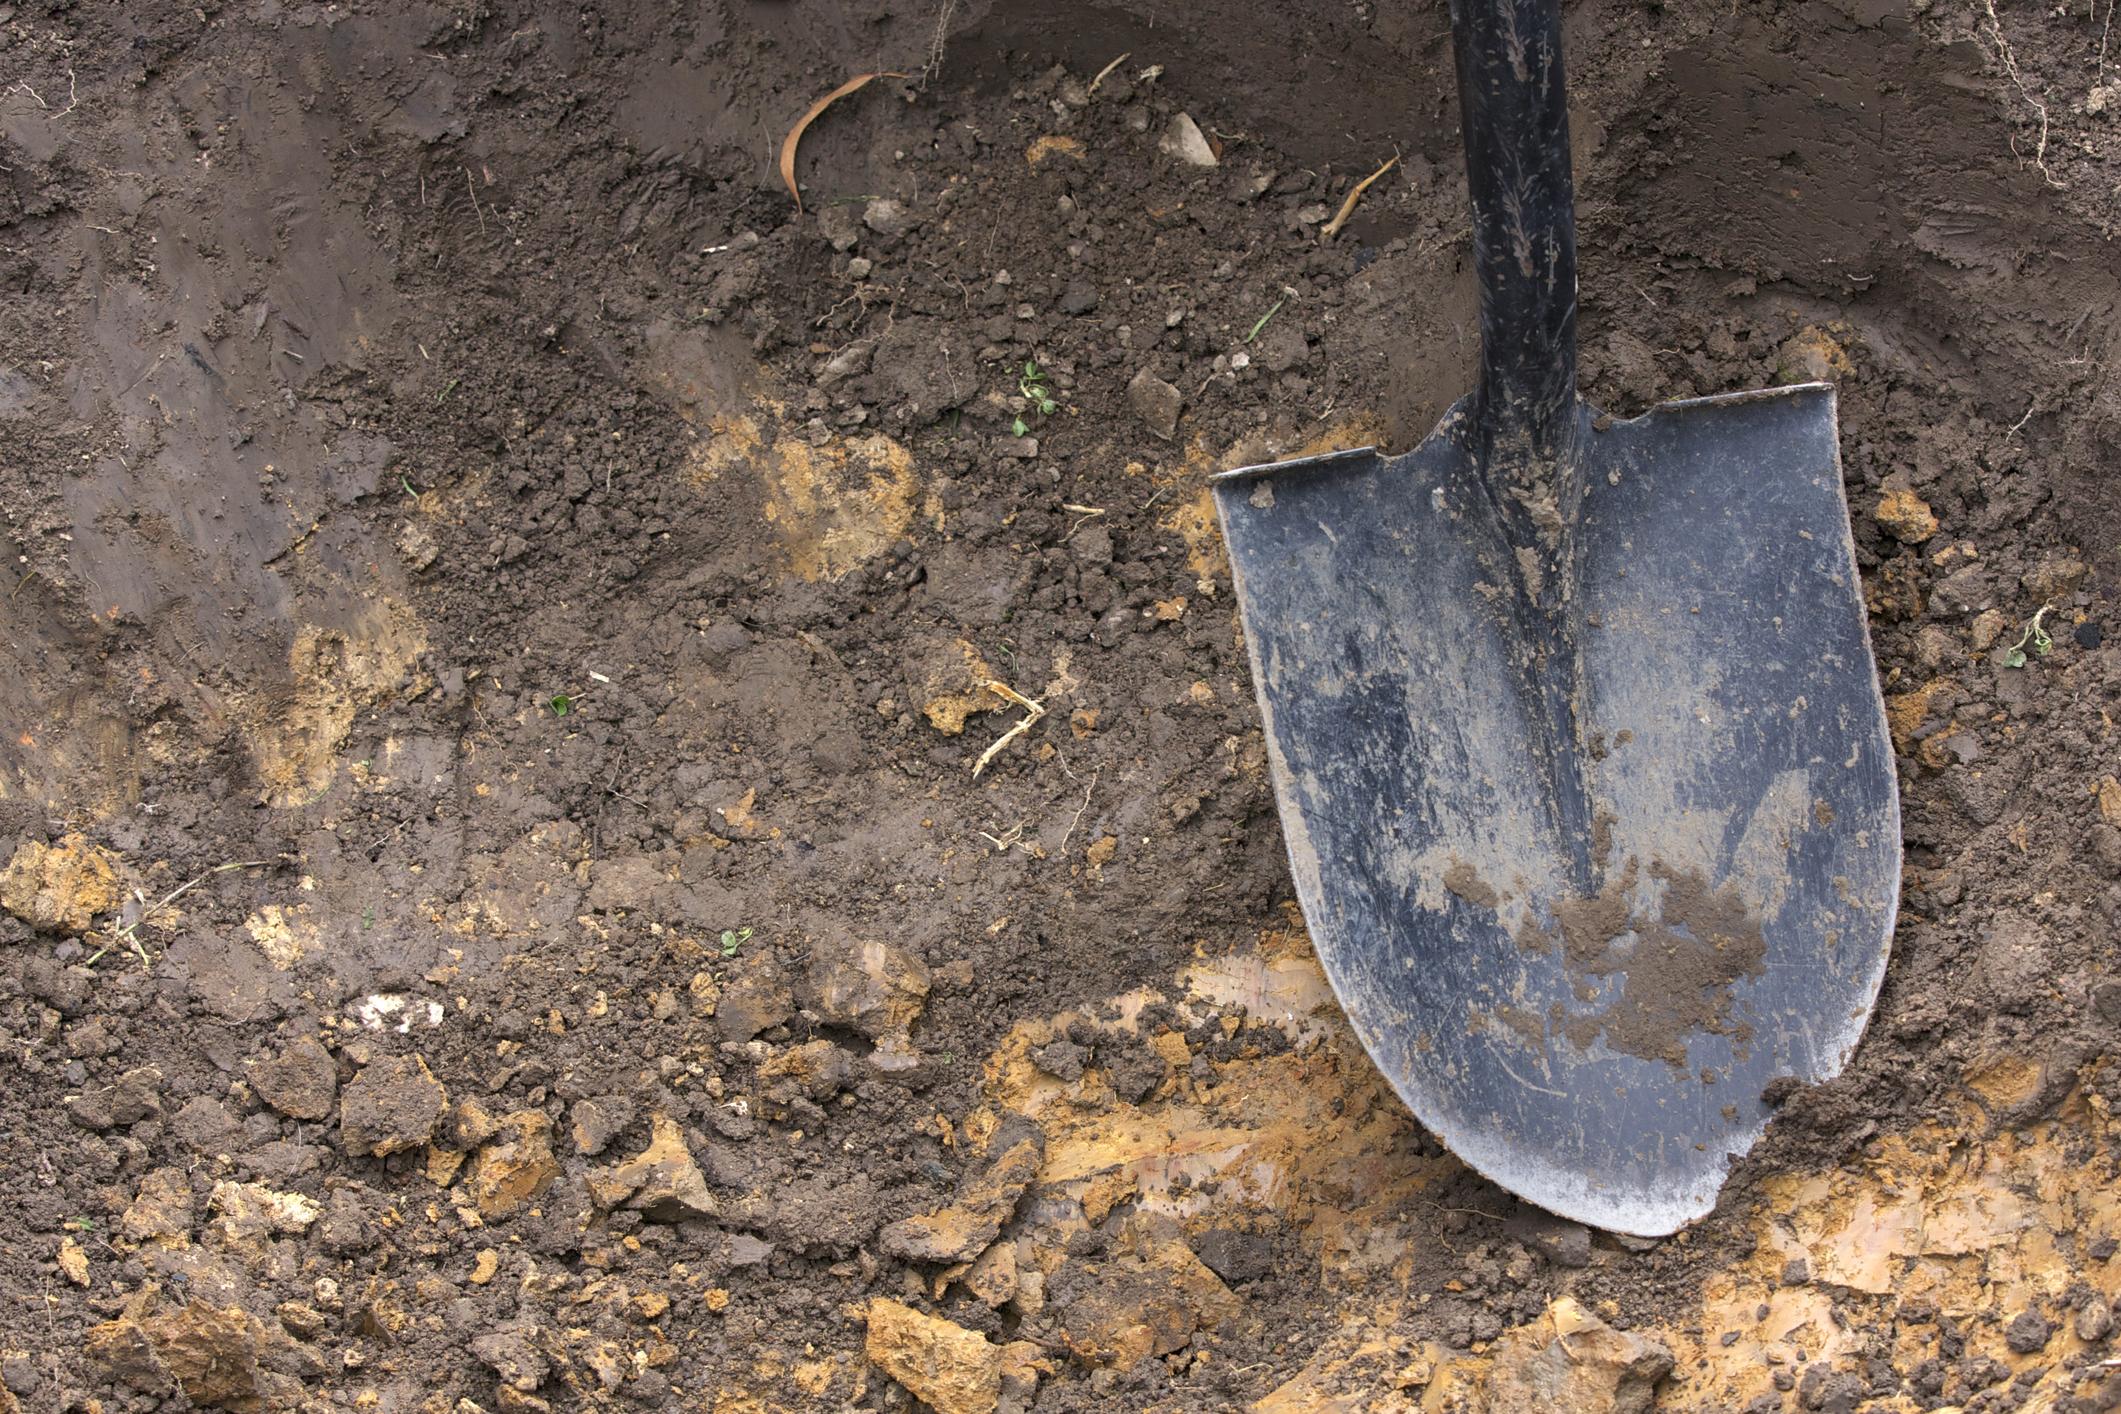 Din cauza valului de decese din ultimele zile, autoritățile din Botoșani au închiriat un excavator cu care sa sape gropile